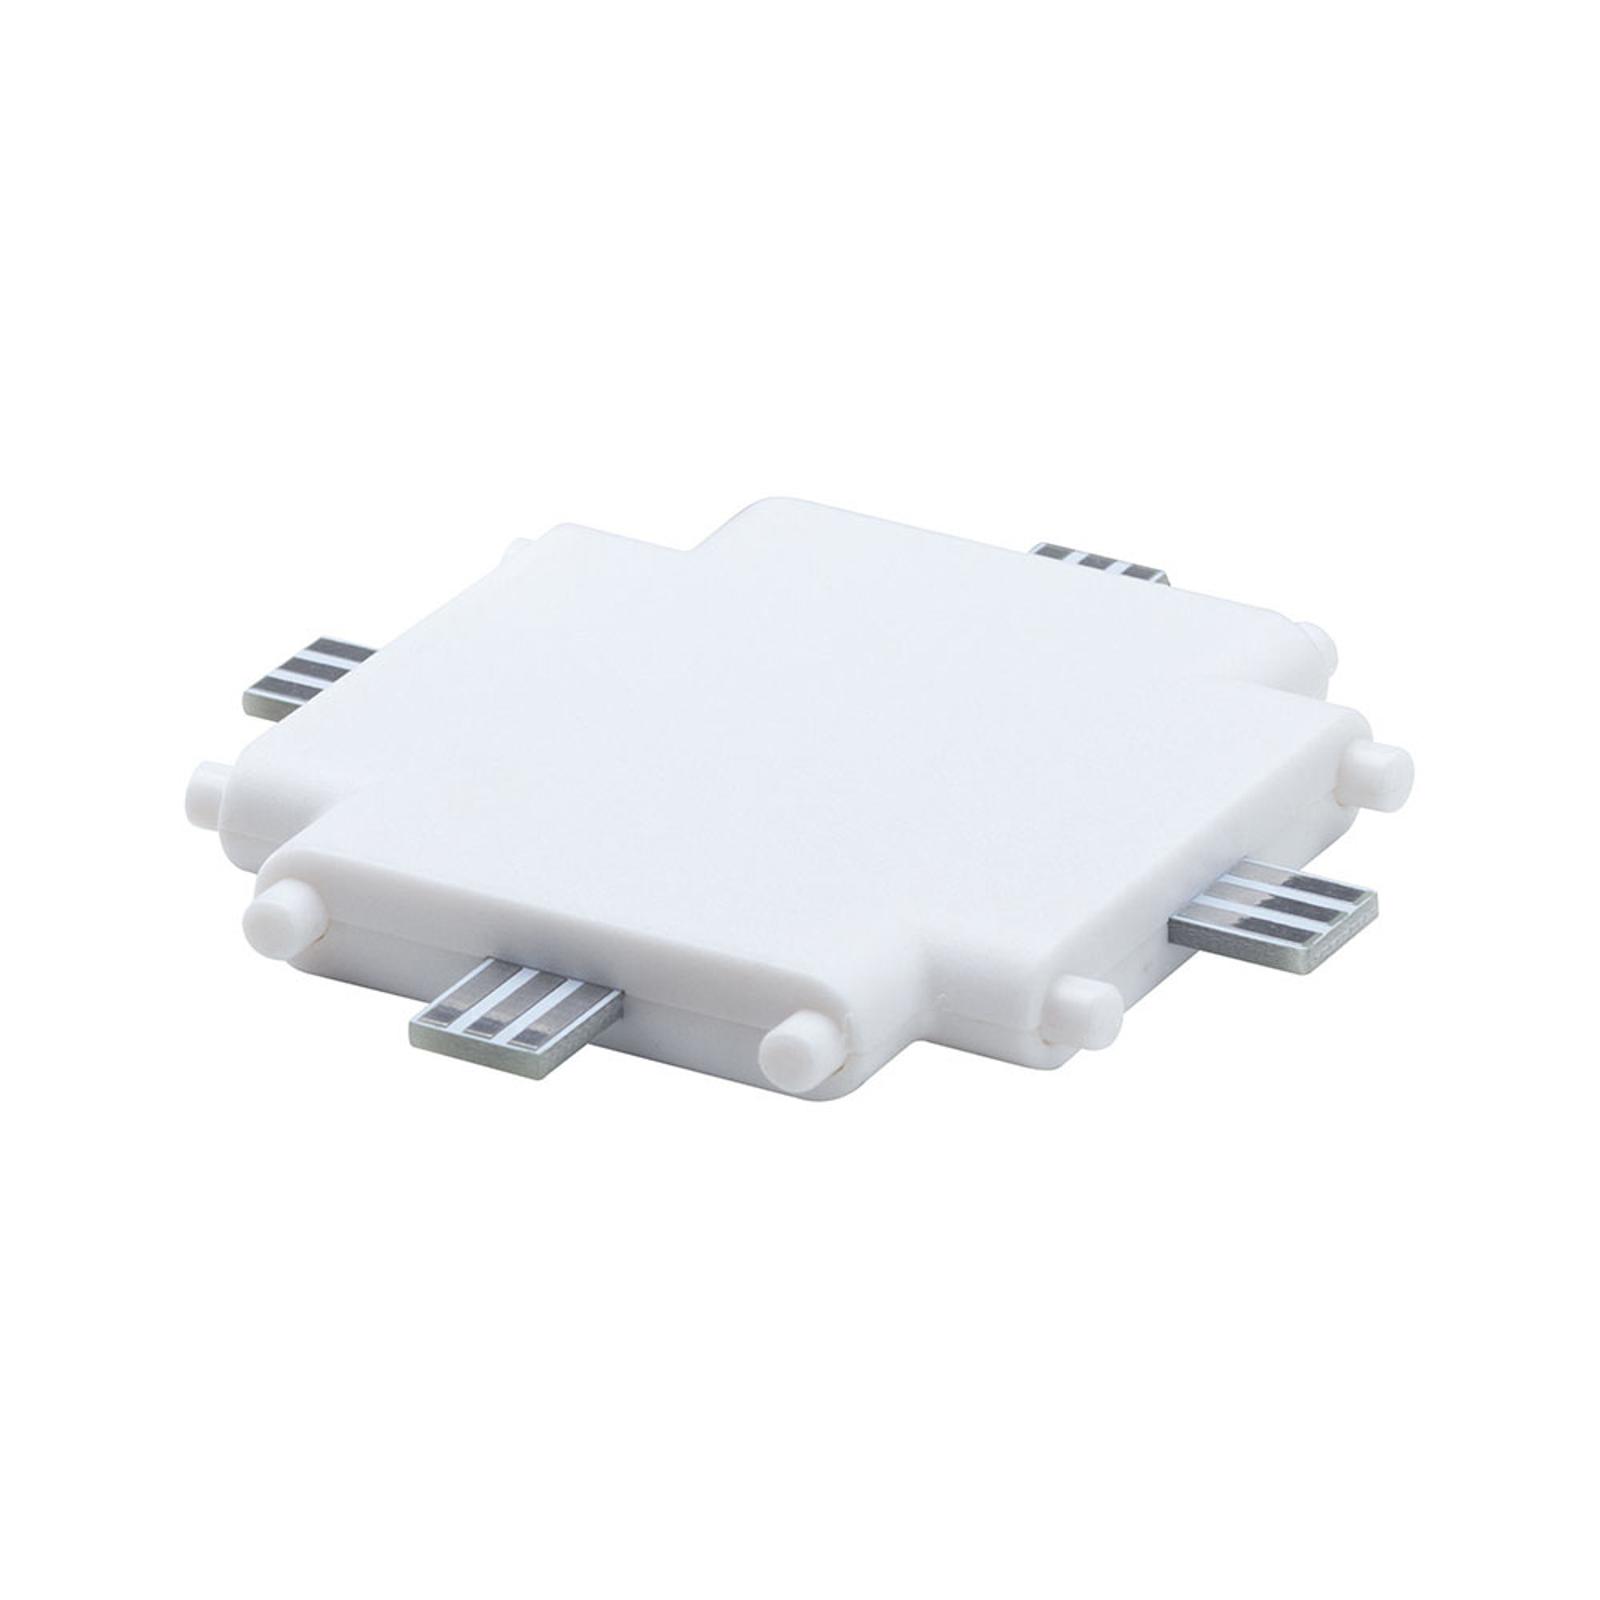 Paulmann Clever Connect connecteur X Border